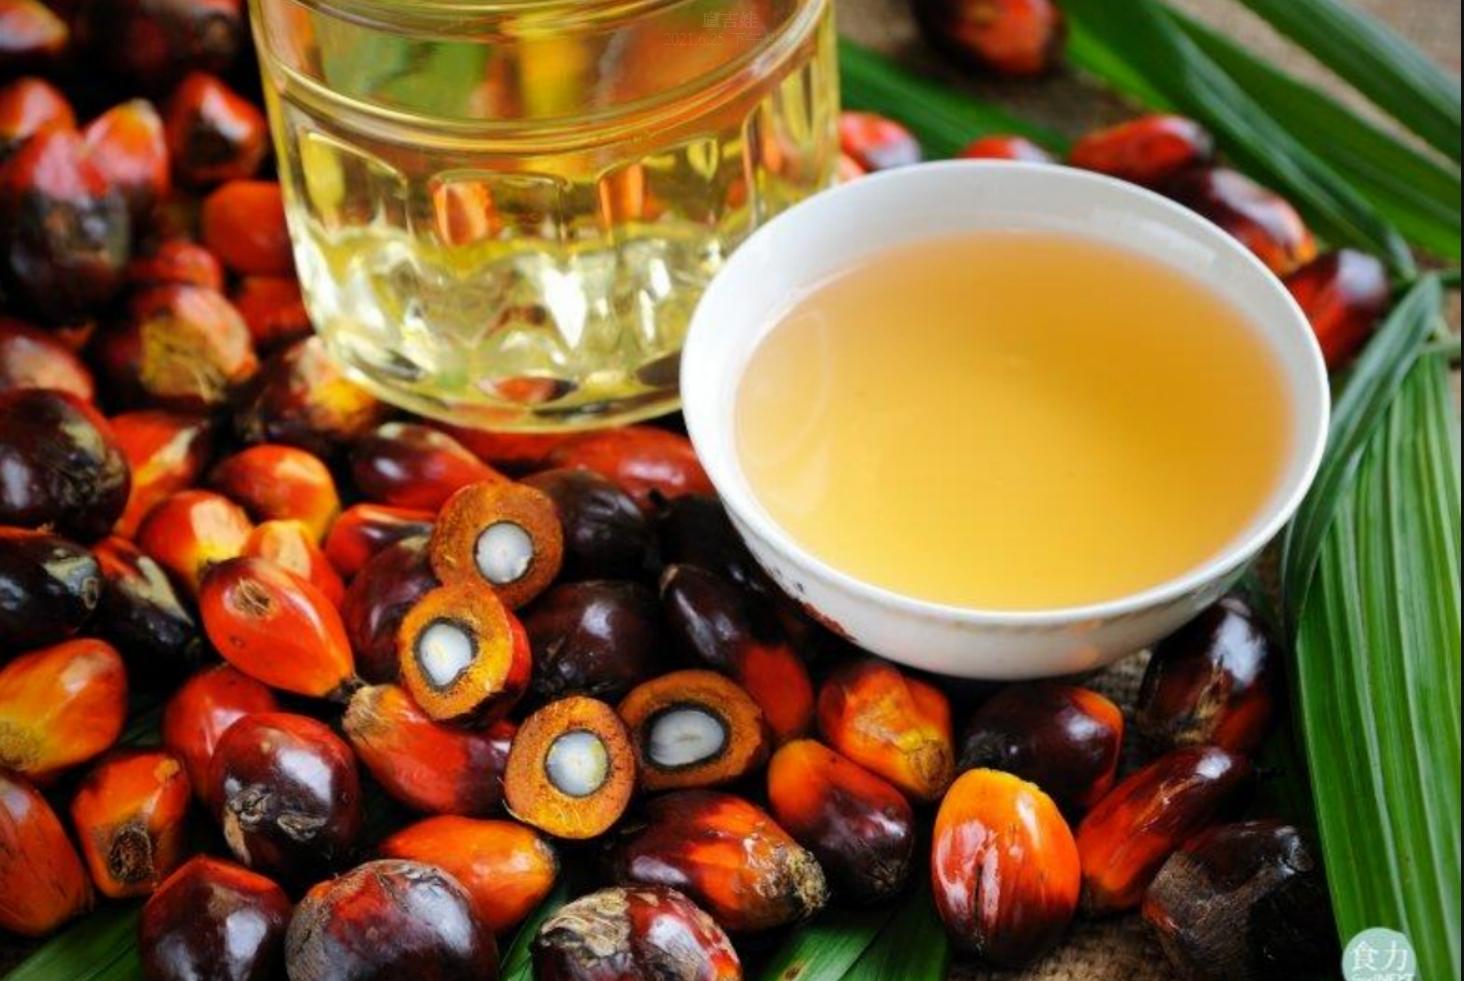 馬來西亞棕櫚油巨頭 IOI 協助美國調查強迫勞動索賠